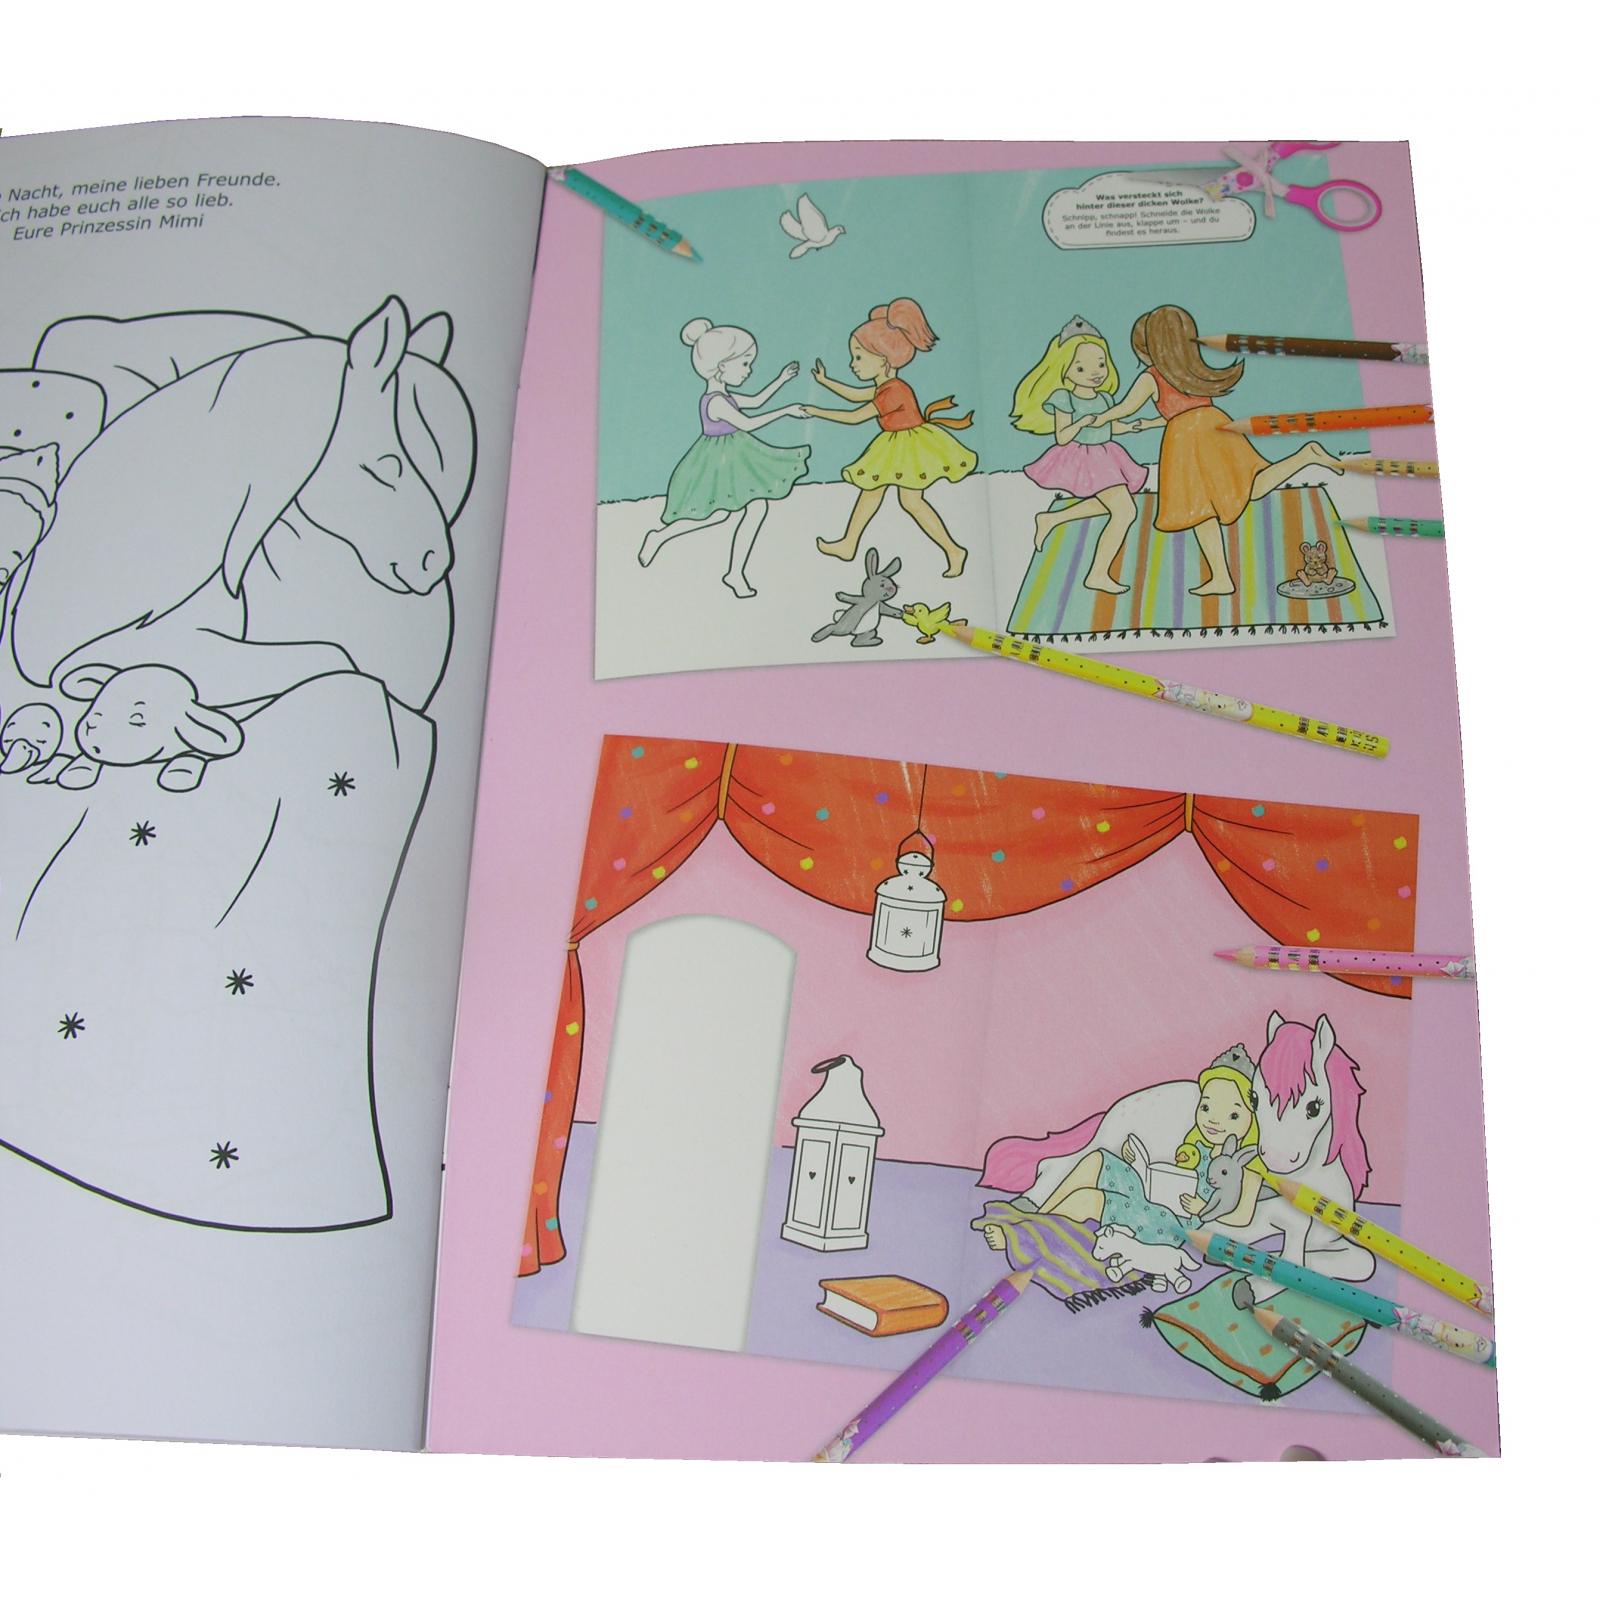 überraschungs Ausmalbuch Mit Buntstiften Filzstifte Kinder